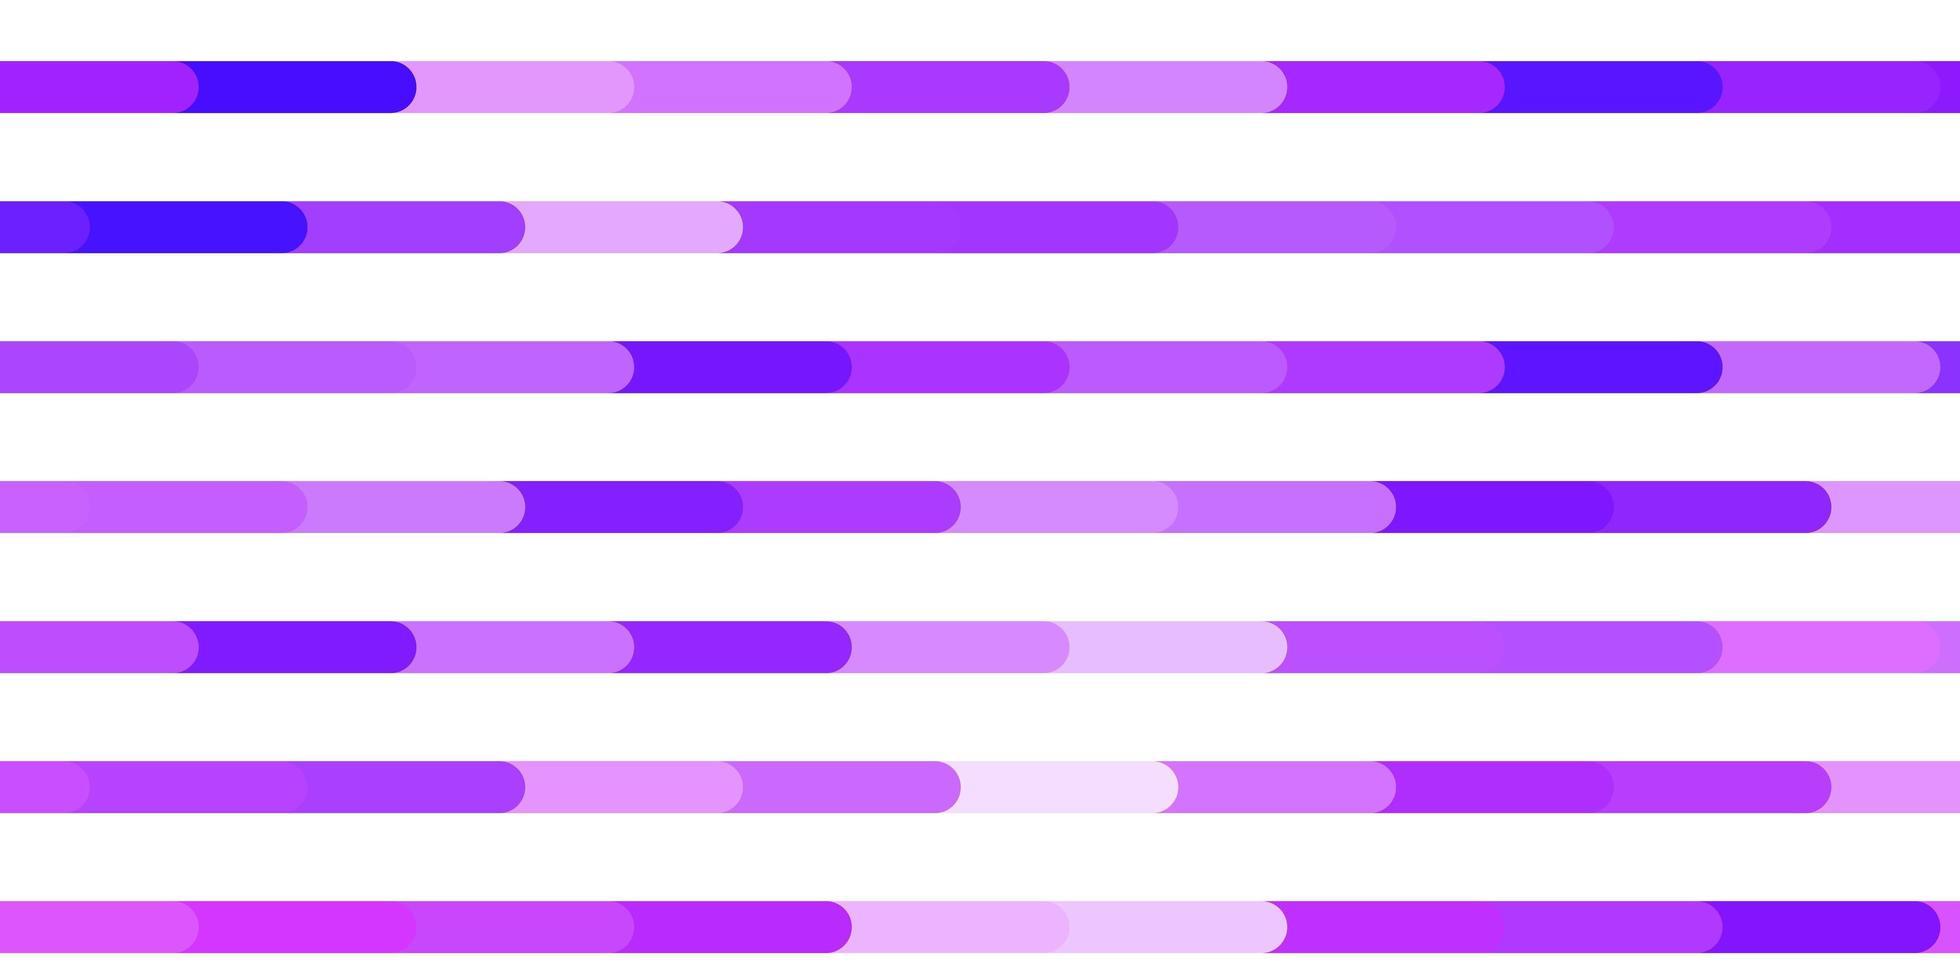 ljuslila vektor mönster med linjer.